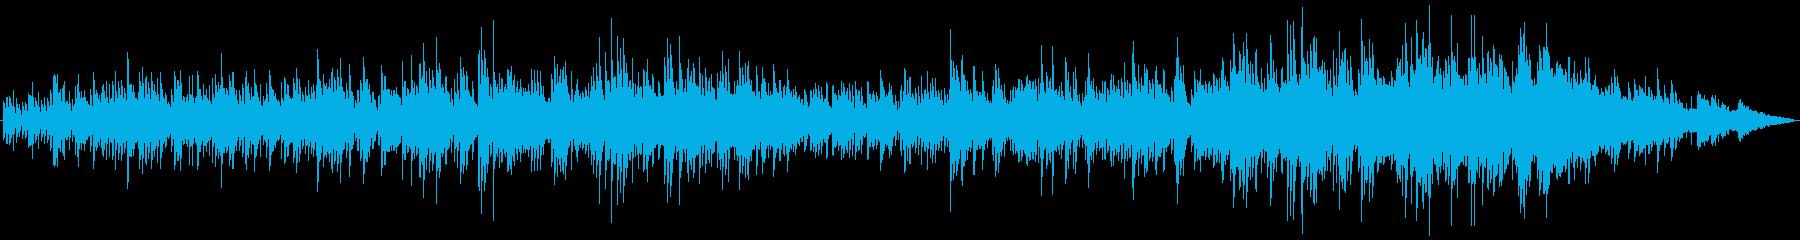 ギターとピアノによる穏やかなバラードの再生済みの波形